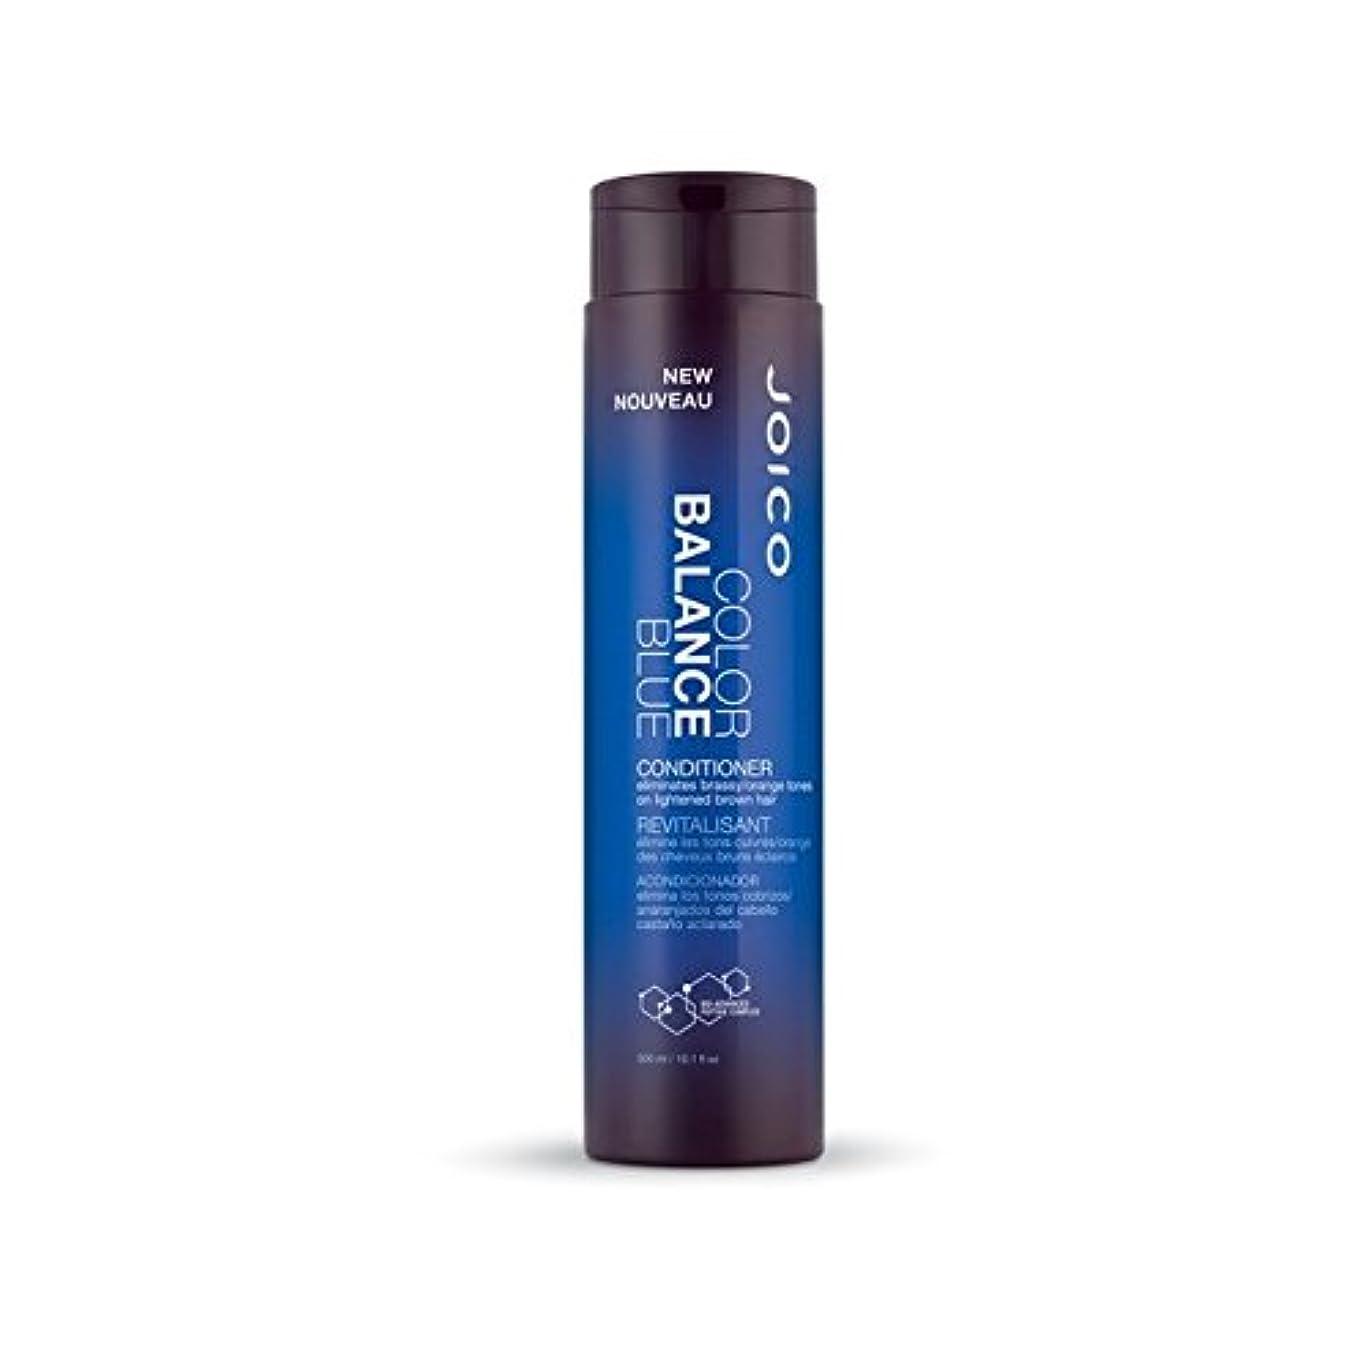 増強する苦難研磨Joico Color Balance Blue Conditioner 300ml (Pack of 6) - ジョイコカラーバランスブルーコンディショナー300ミリリットル x6 [並行輸入品]